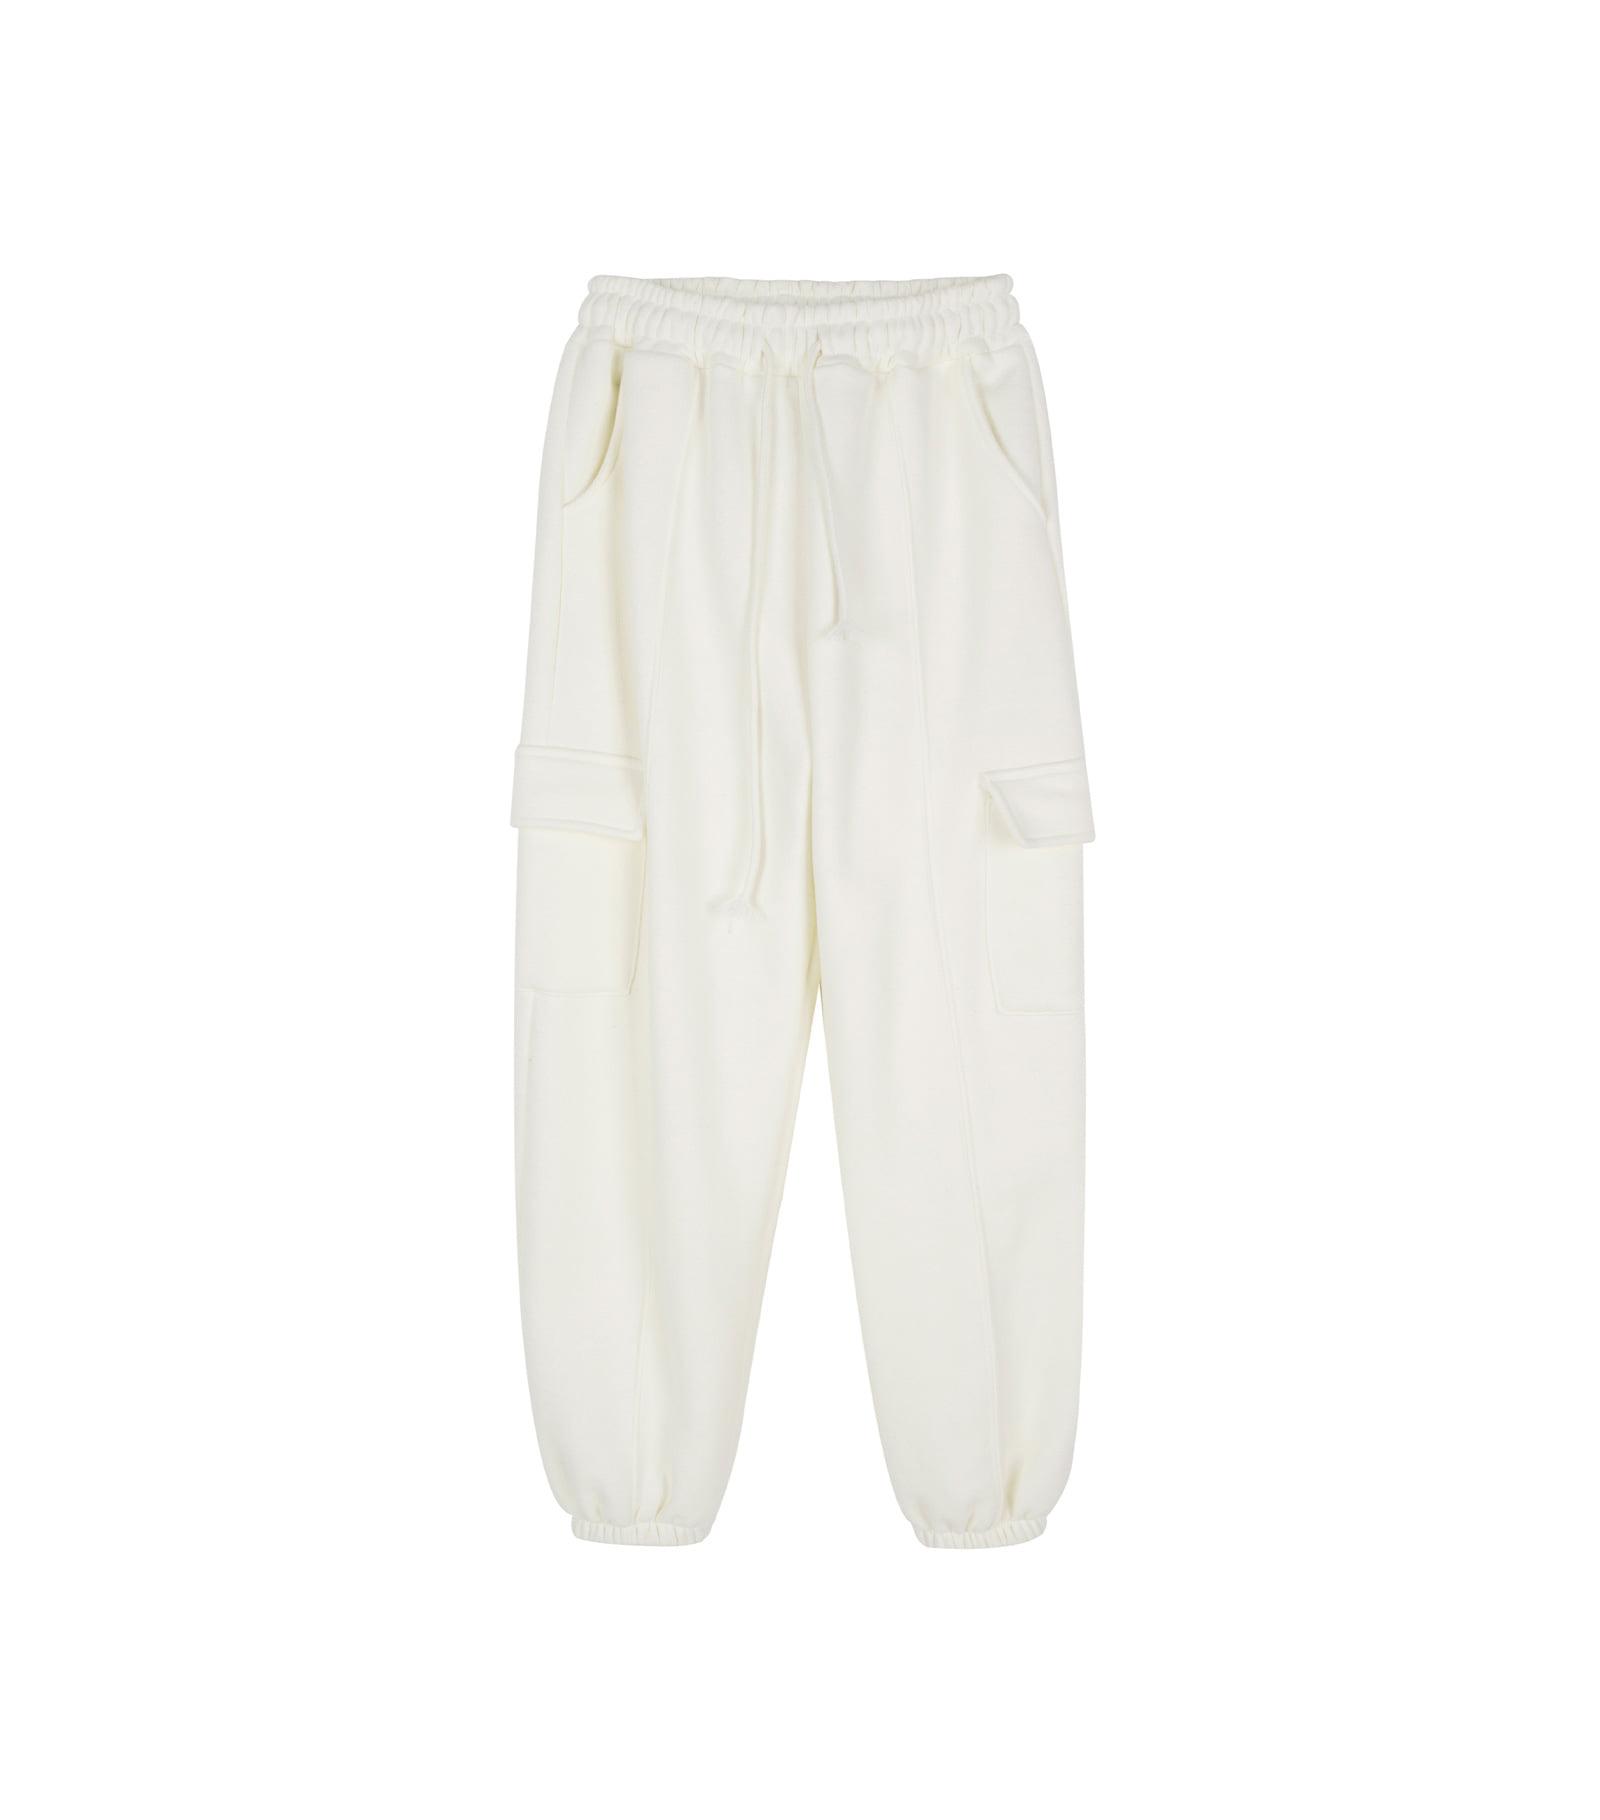 Bebe Fleece-lined pocket jogger pants